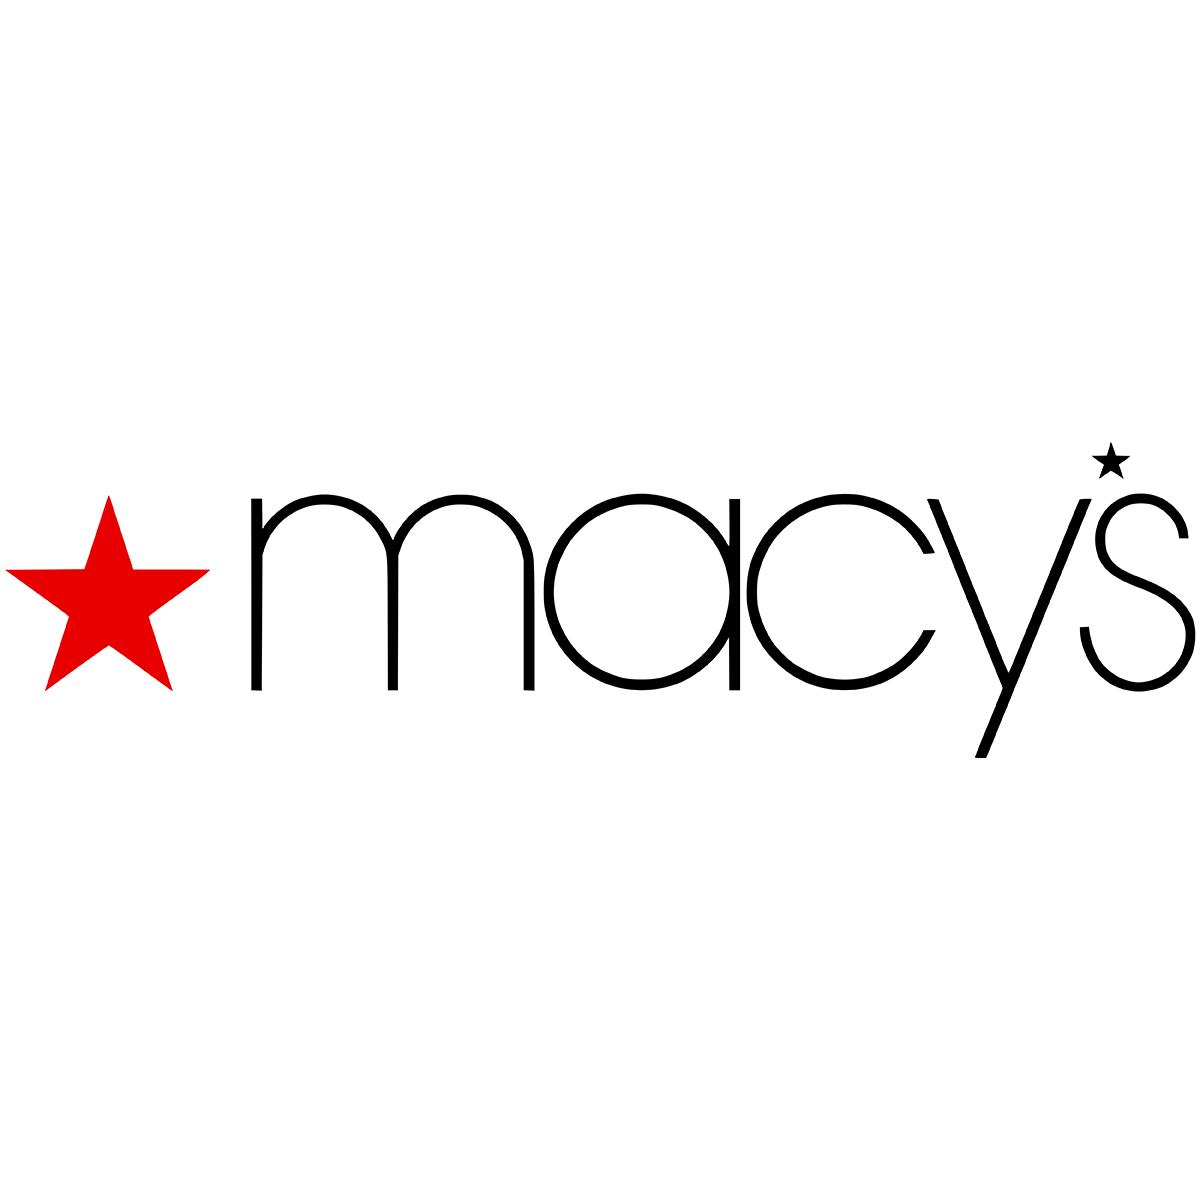 Macys_logo_logotype_emblem.jpg